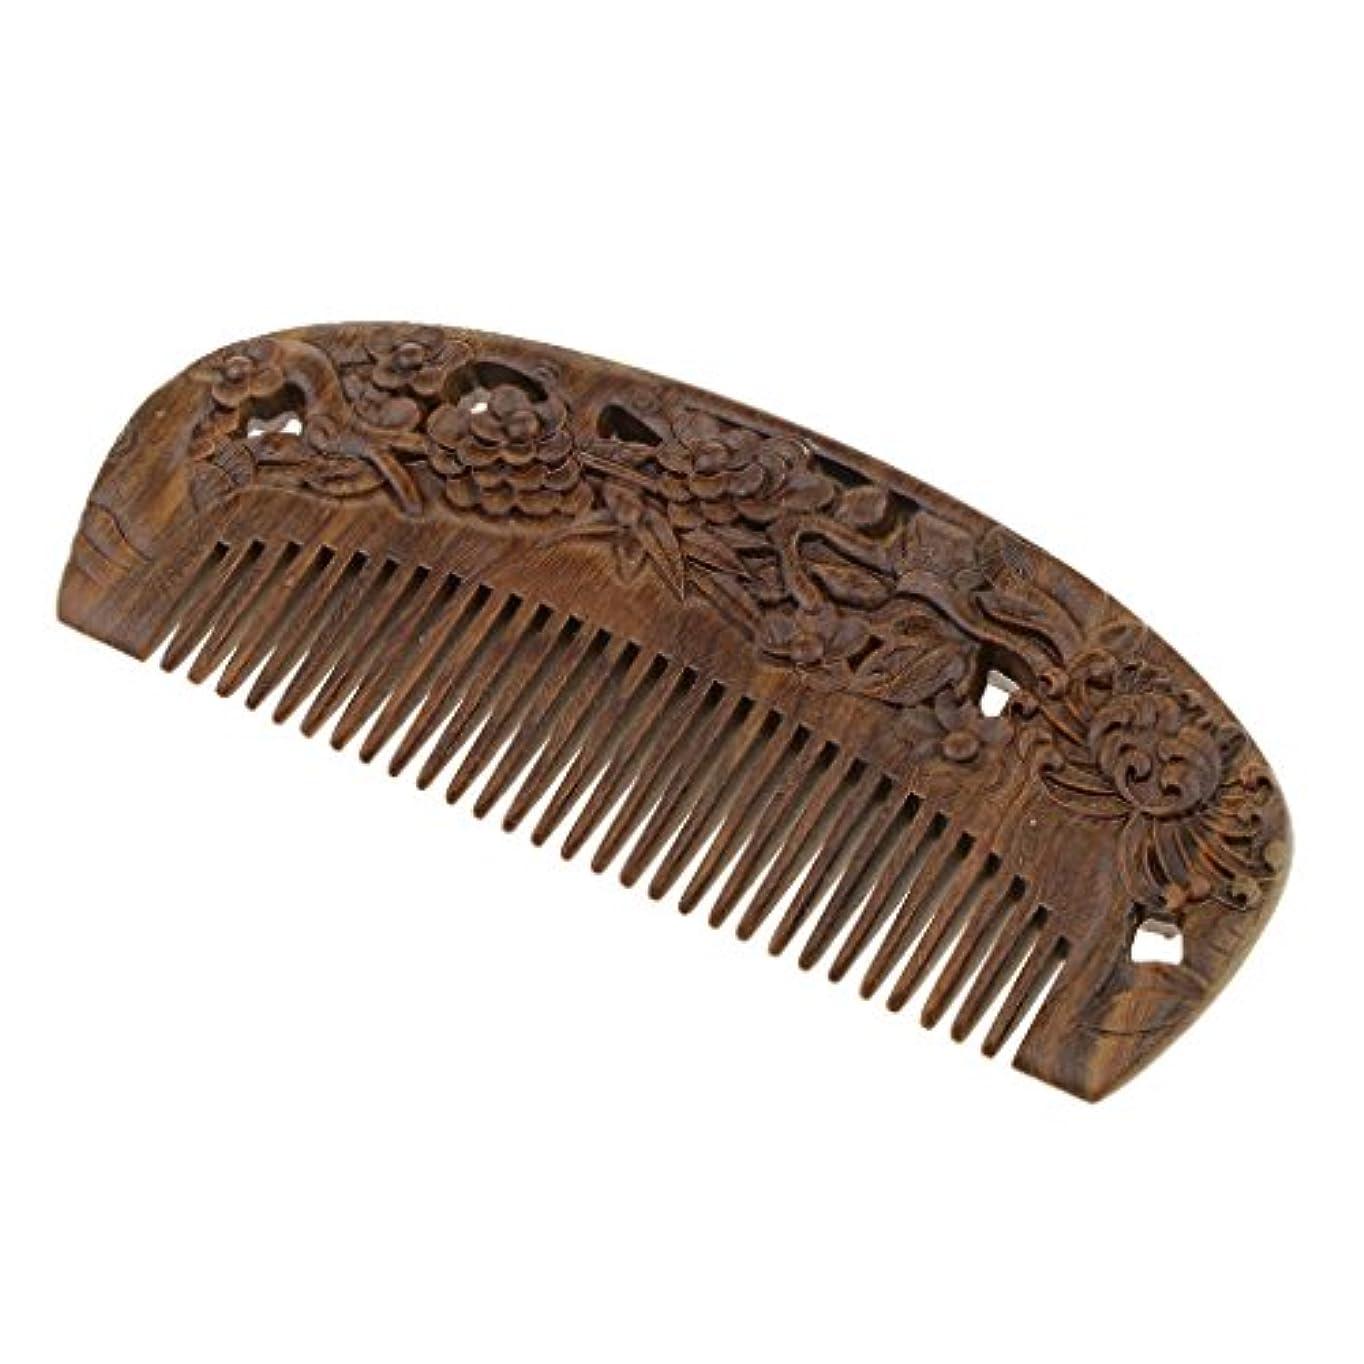 洗うダーベビルのテス馬力T TOOYFUL 木製櫛 木製コーム ウッドコーム ワイド歯 ヘアブラシ 頭皮マッサージ 静電防止 全2種類 - #2